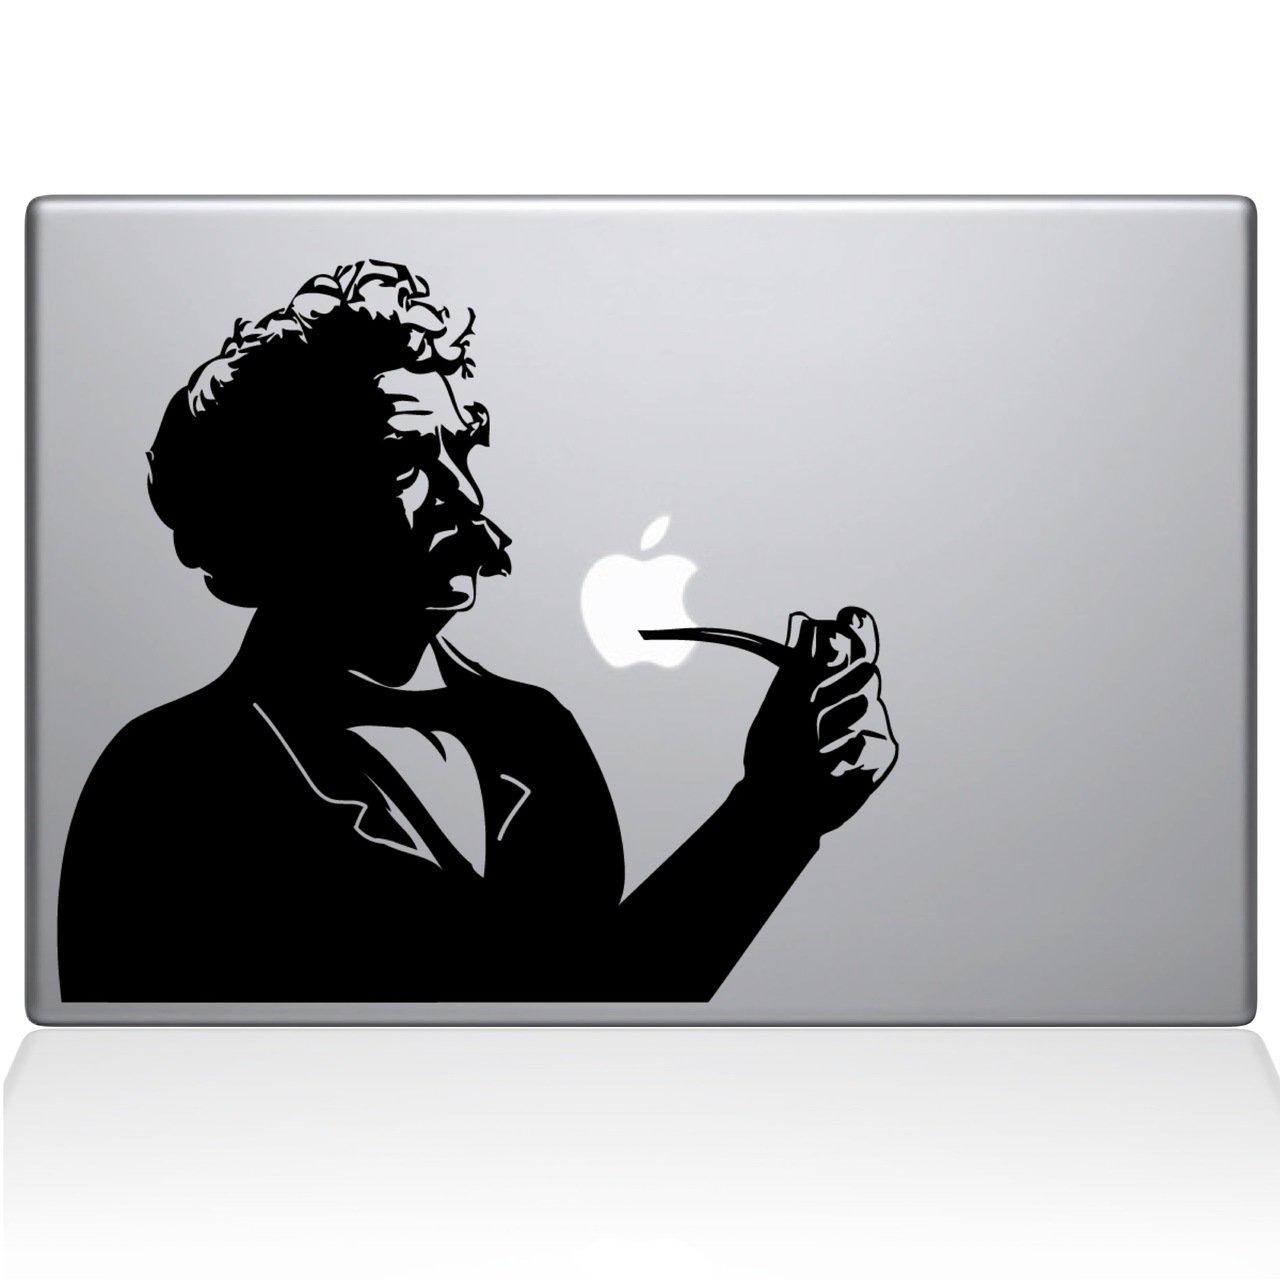 競売 Mark Twain B07239N69Q Macbookデカール、Die ライトブルー Cut Vinyl for Decal for Windows車、トラック、ツールボックス、ノートパソコン、ほぼすべてmacbook-ハード、滑らかな表面 グレイ Titans-Unique-Design-119035-Light-Blue ライトブルー B07239N69Q, 【2018最新作】:f4b6fd01 --- kickit.co.ke